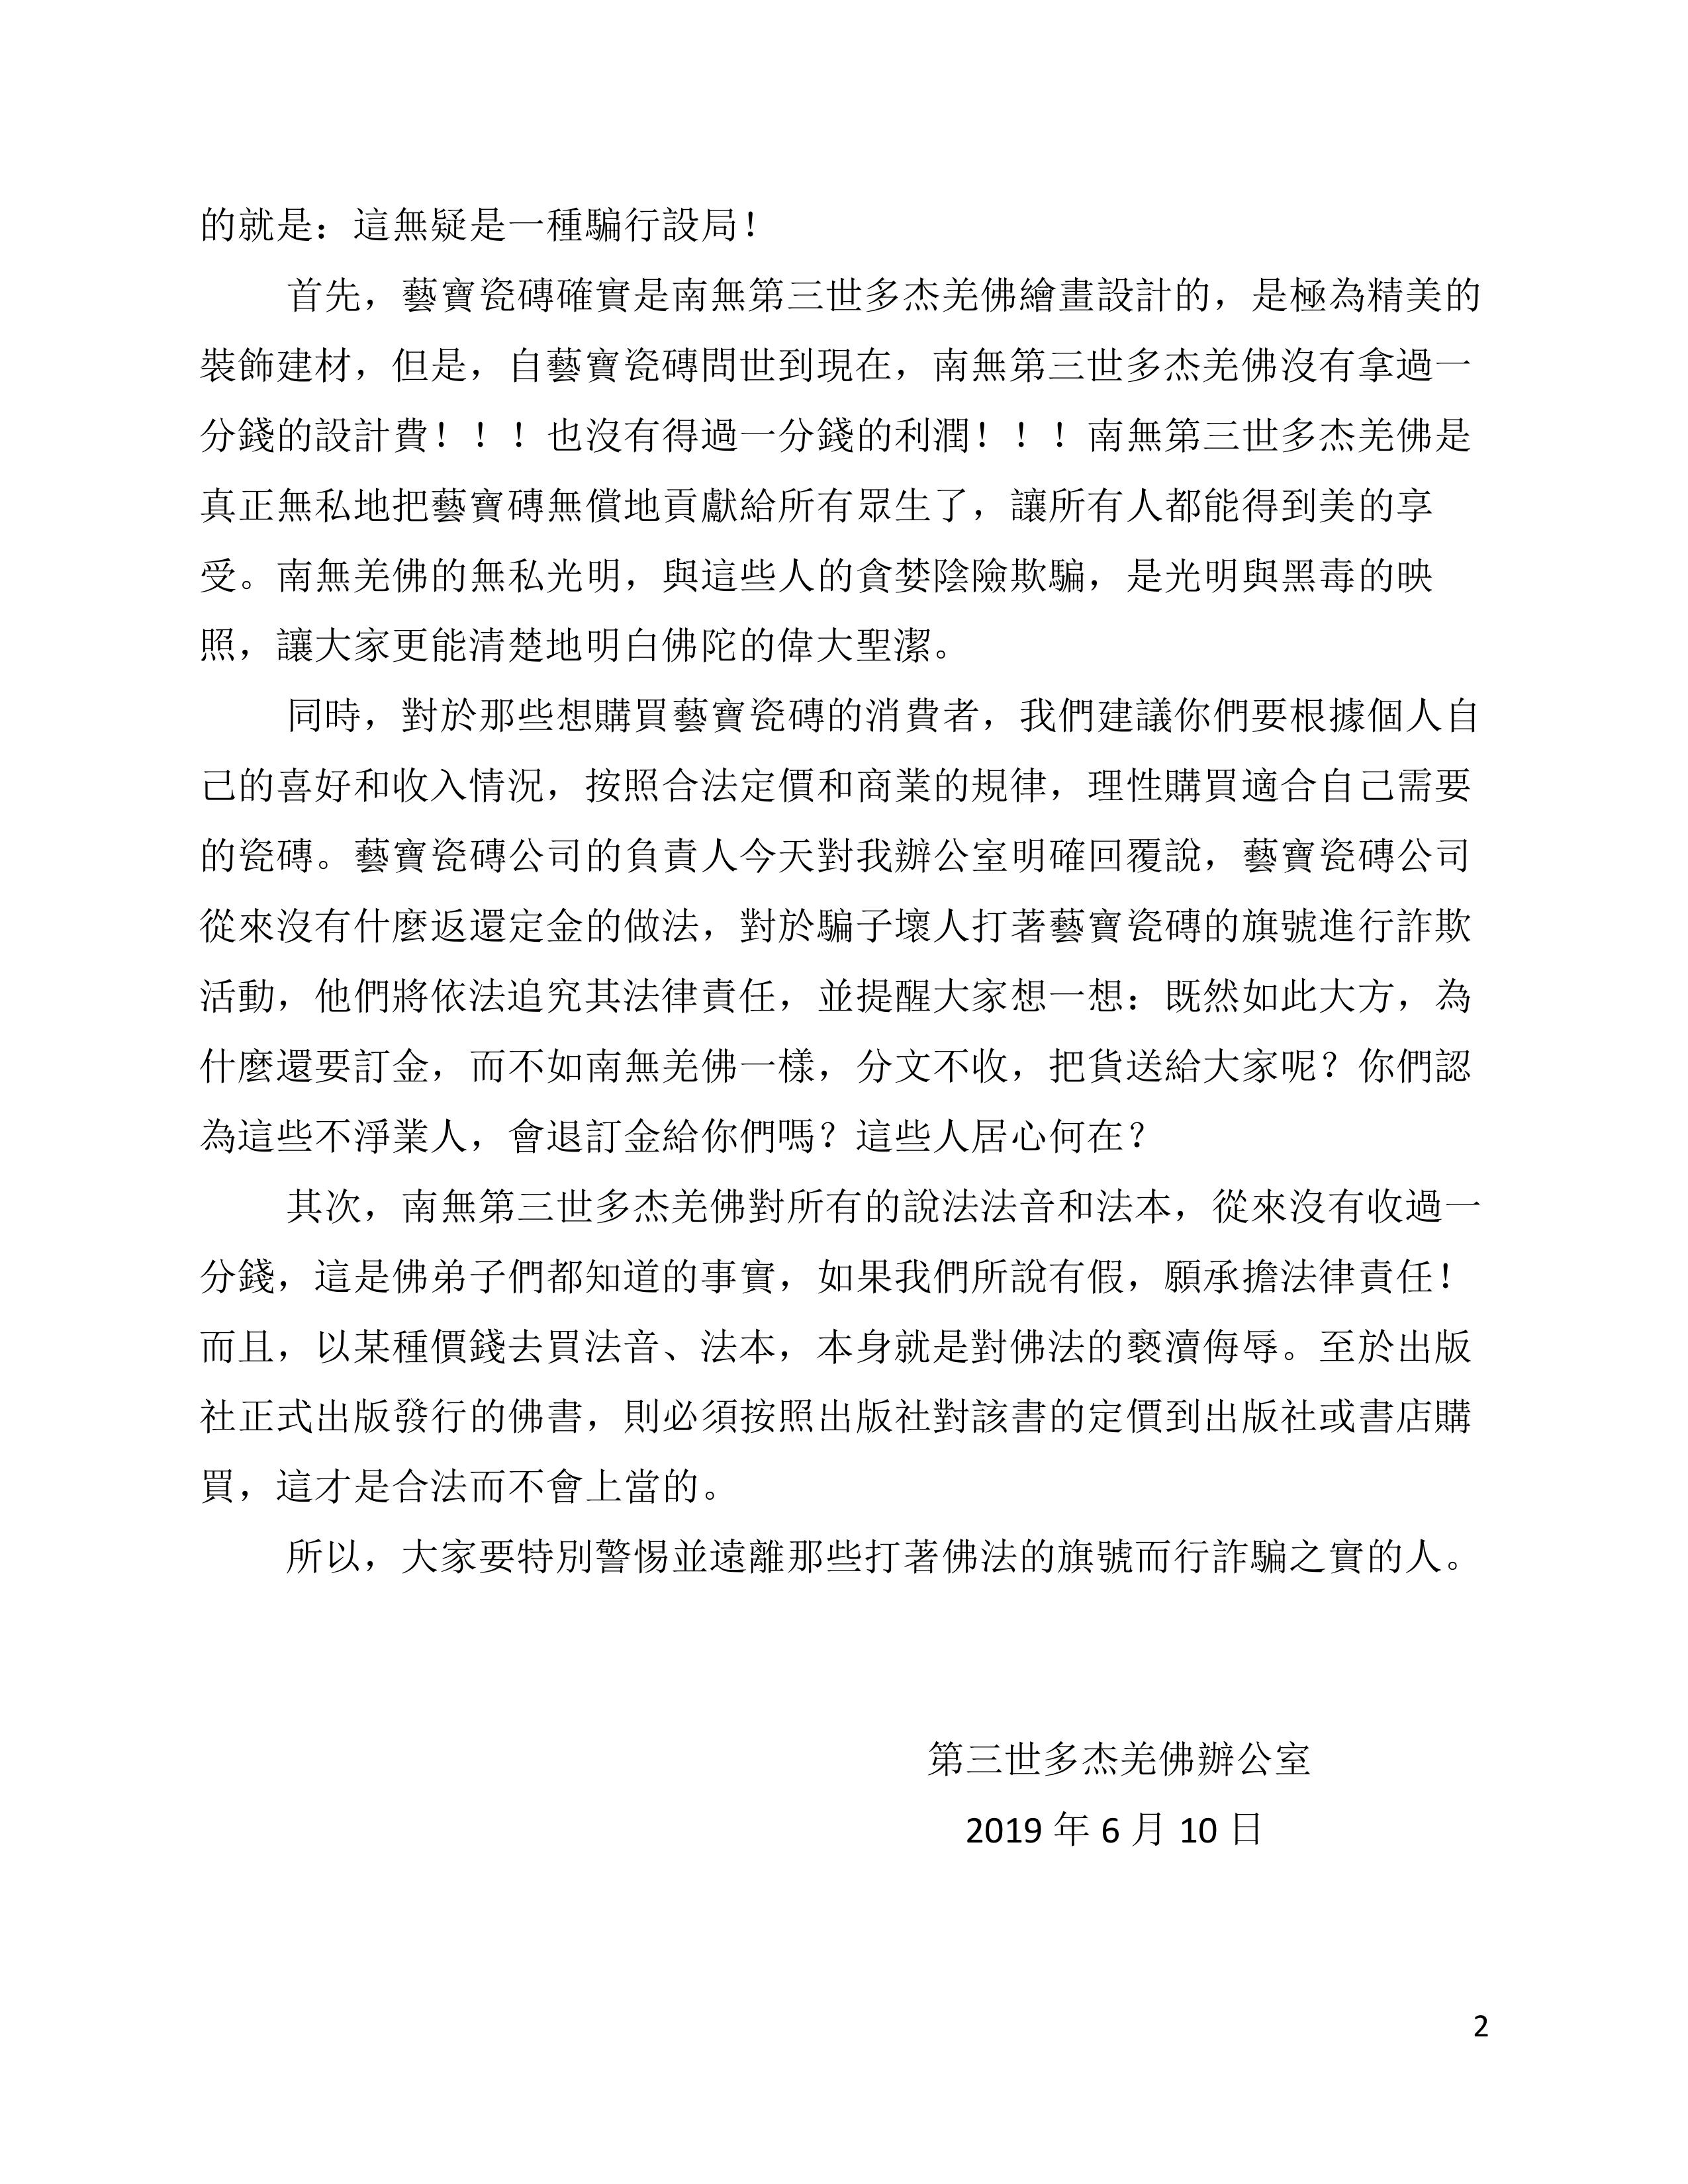 第三世多杰羌佛辦公室第五十四號公告 page 2